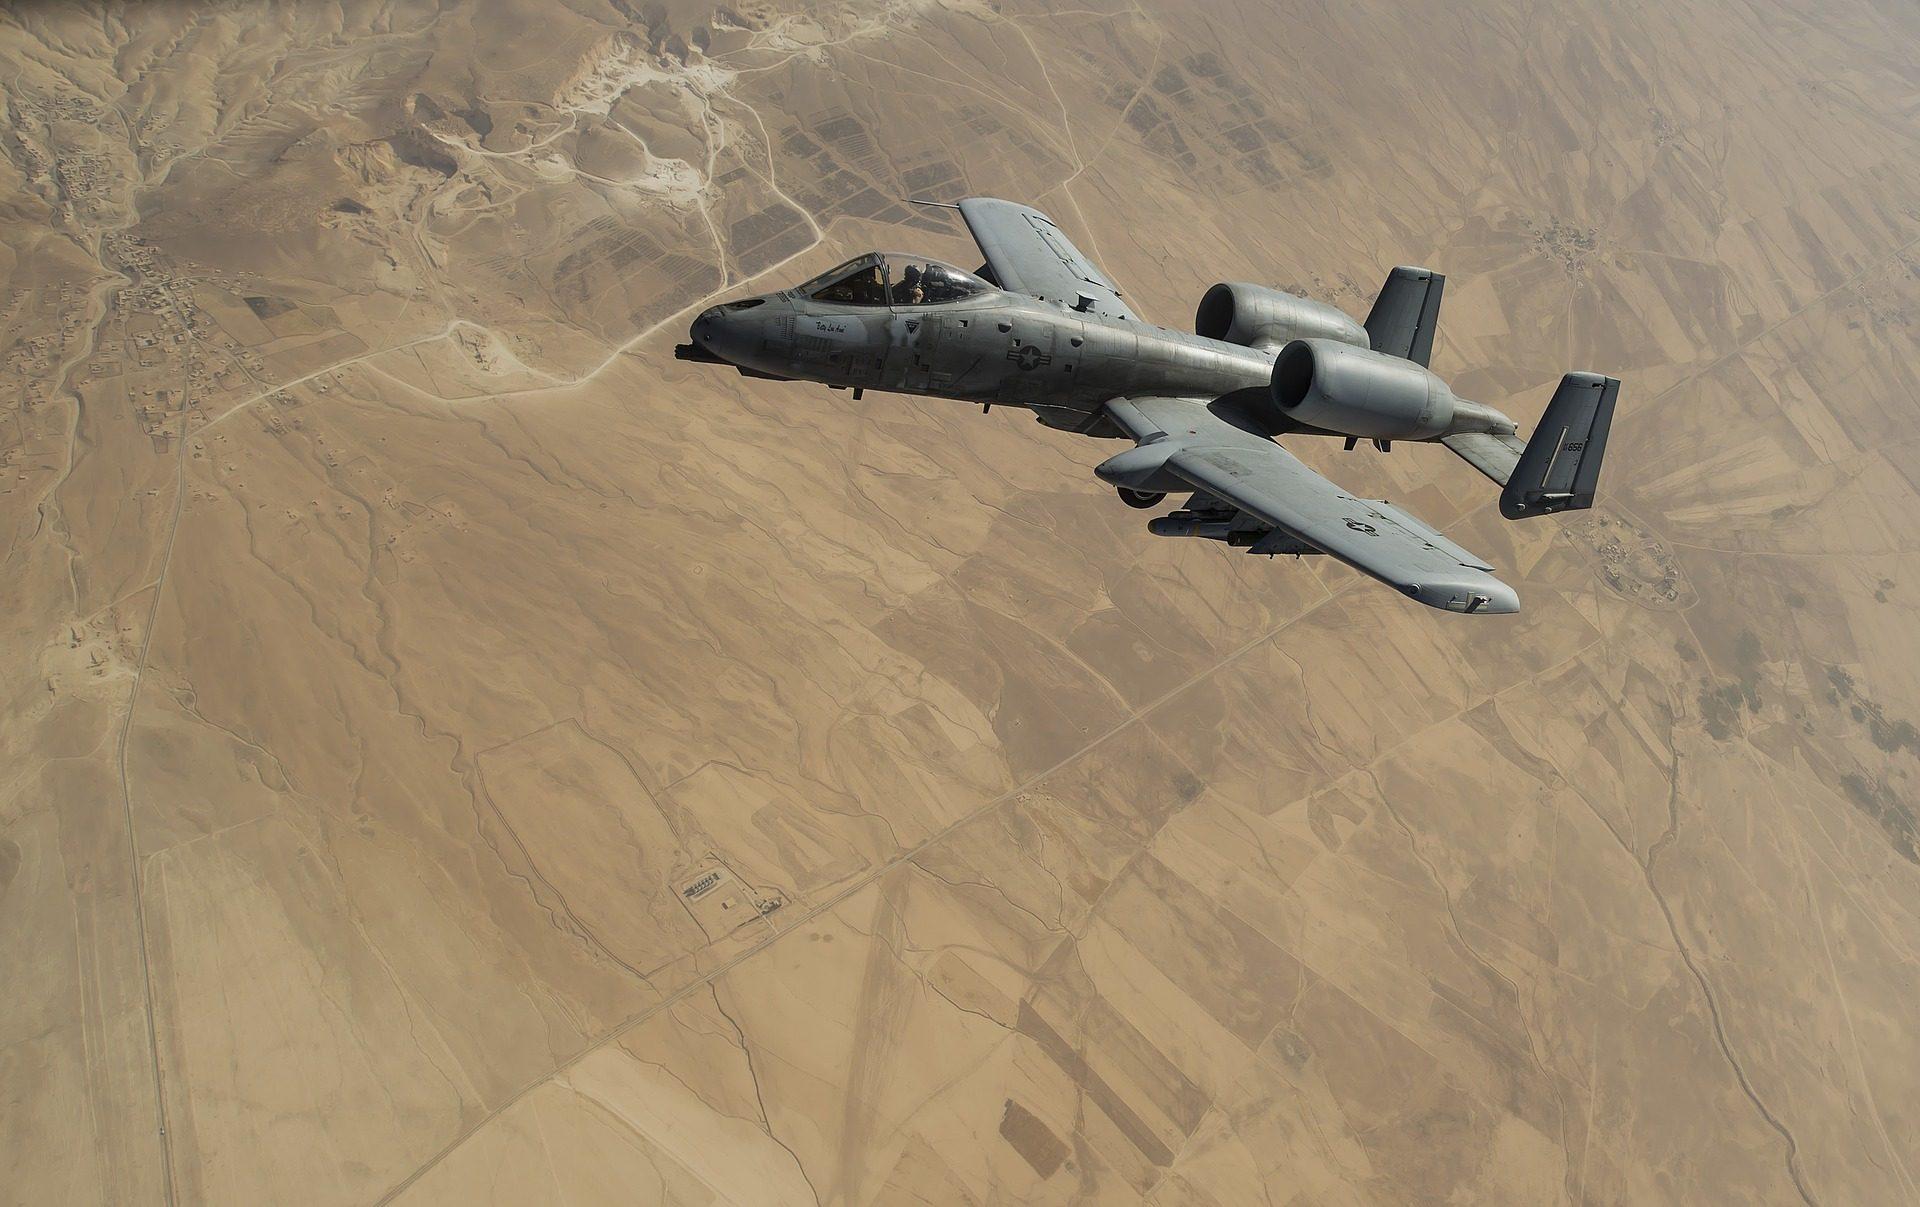 warthog, الطائرات, العسكرية, الجيش, القوات البحرية - خلفيات عالية الدقة - أستاذ falken.com